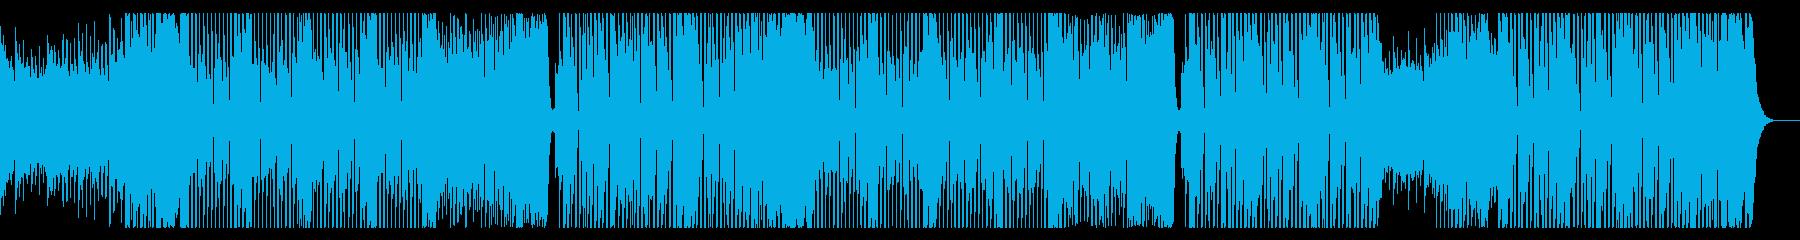 ワイルドでデジロックなダンス曲の再生済みの波形